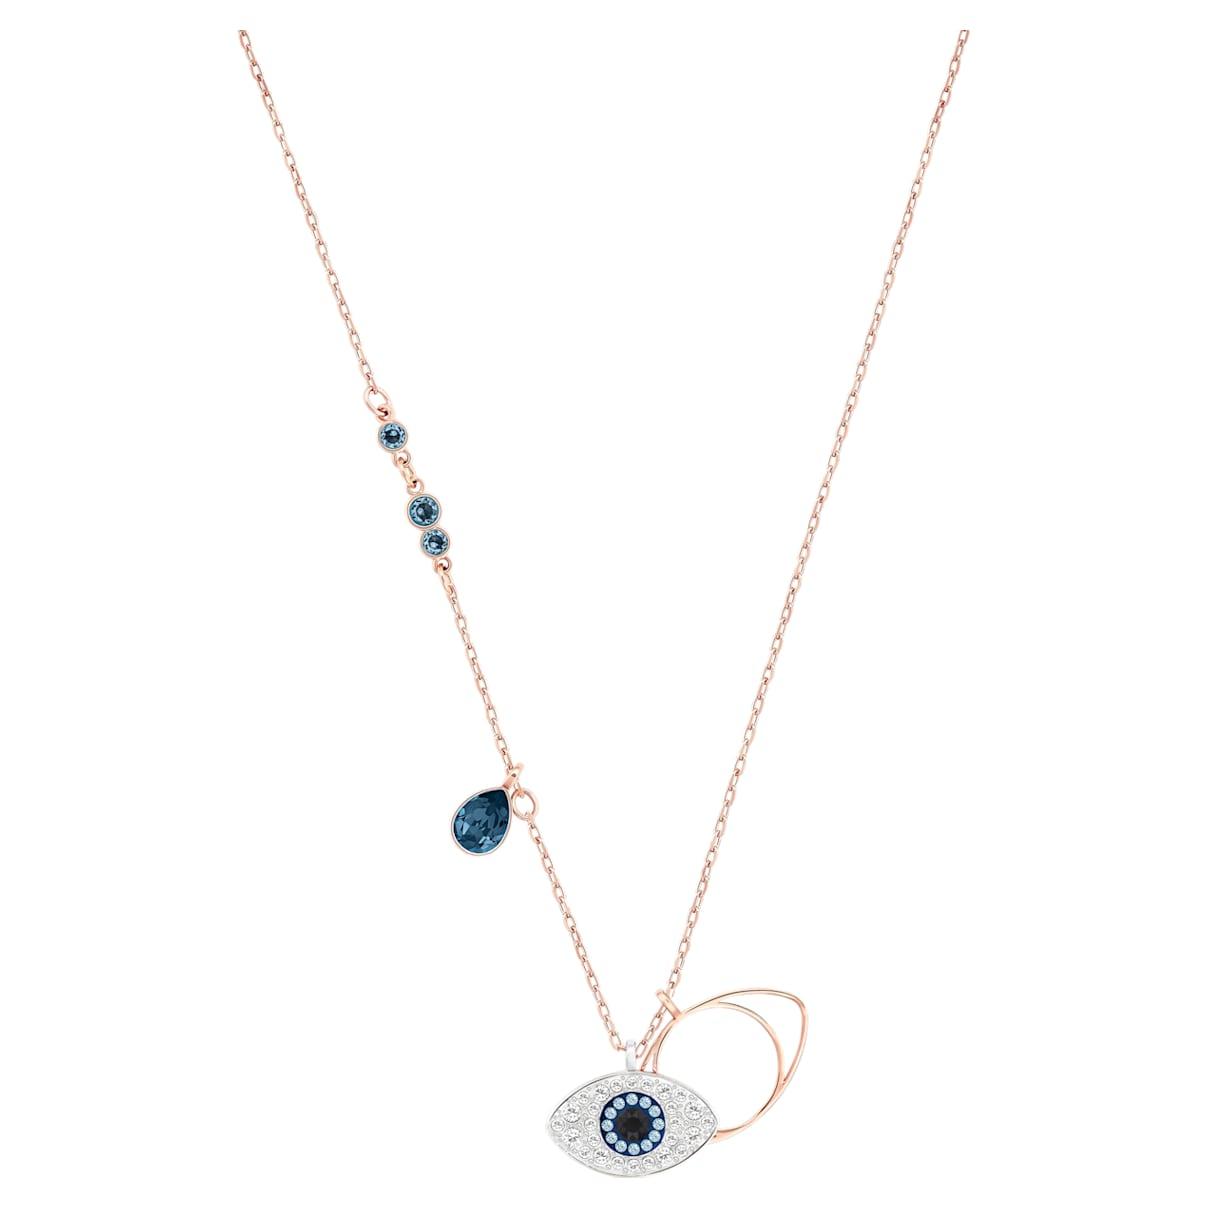 Pendente Swarovski Symbolic Evil Eye, azzurro, Mix di placcature